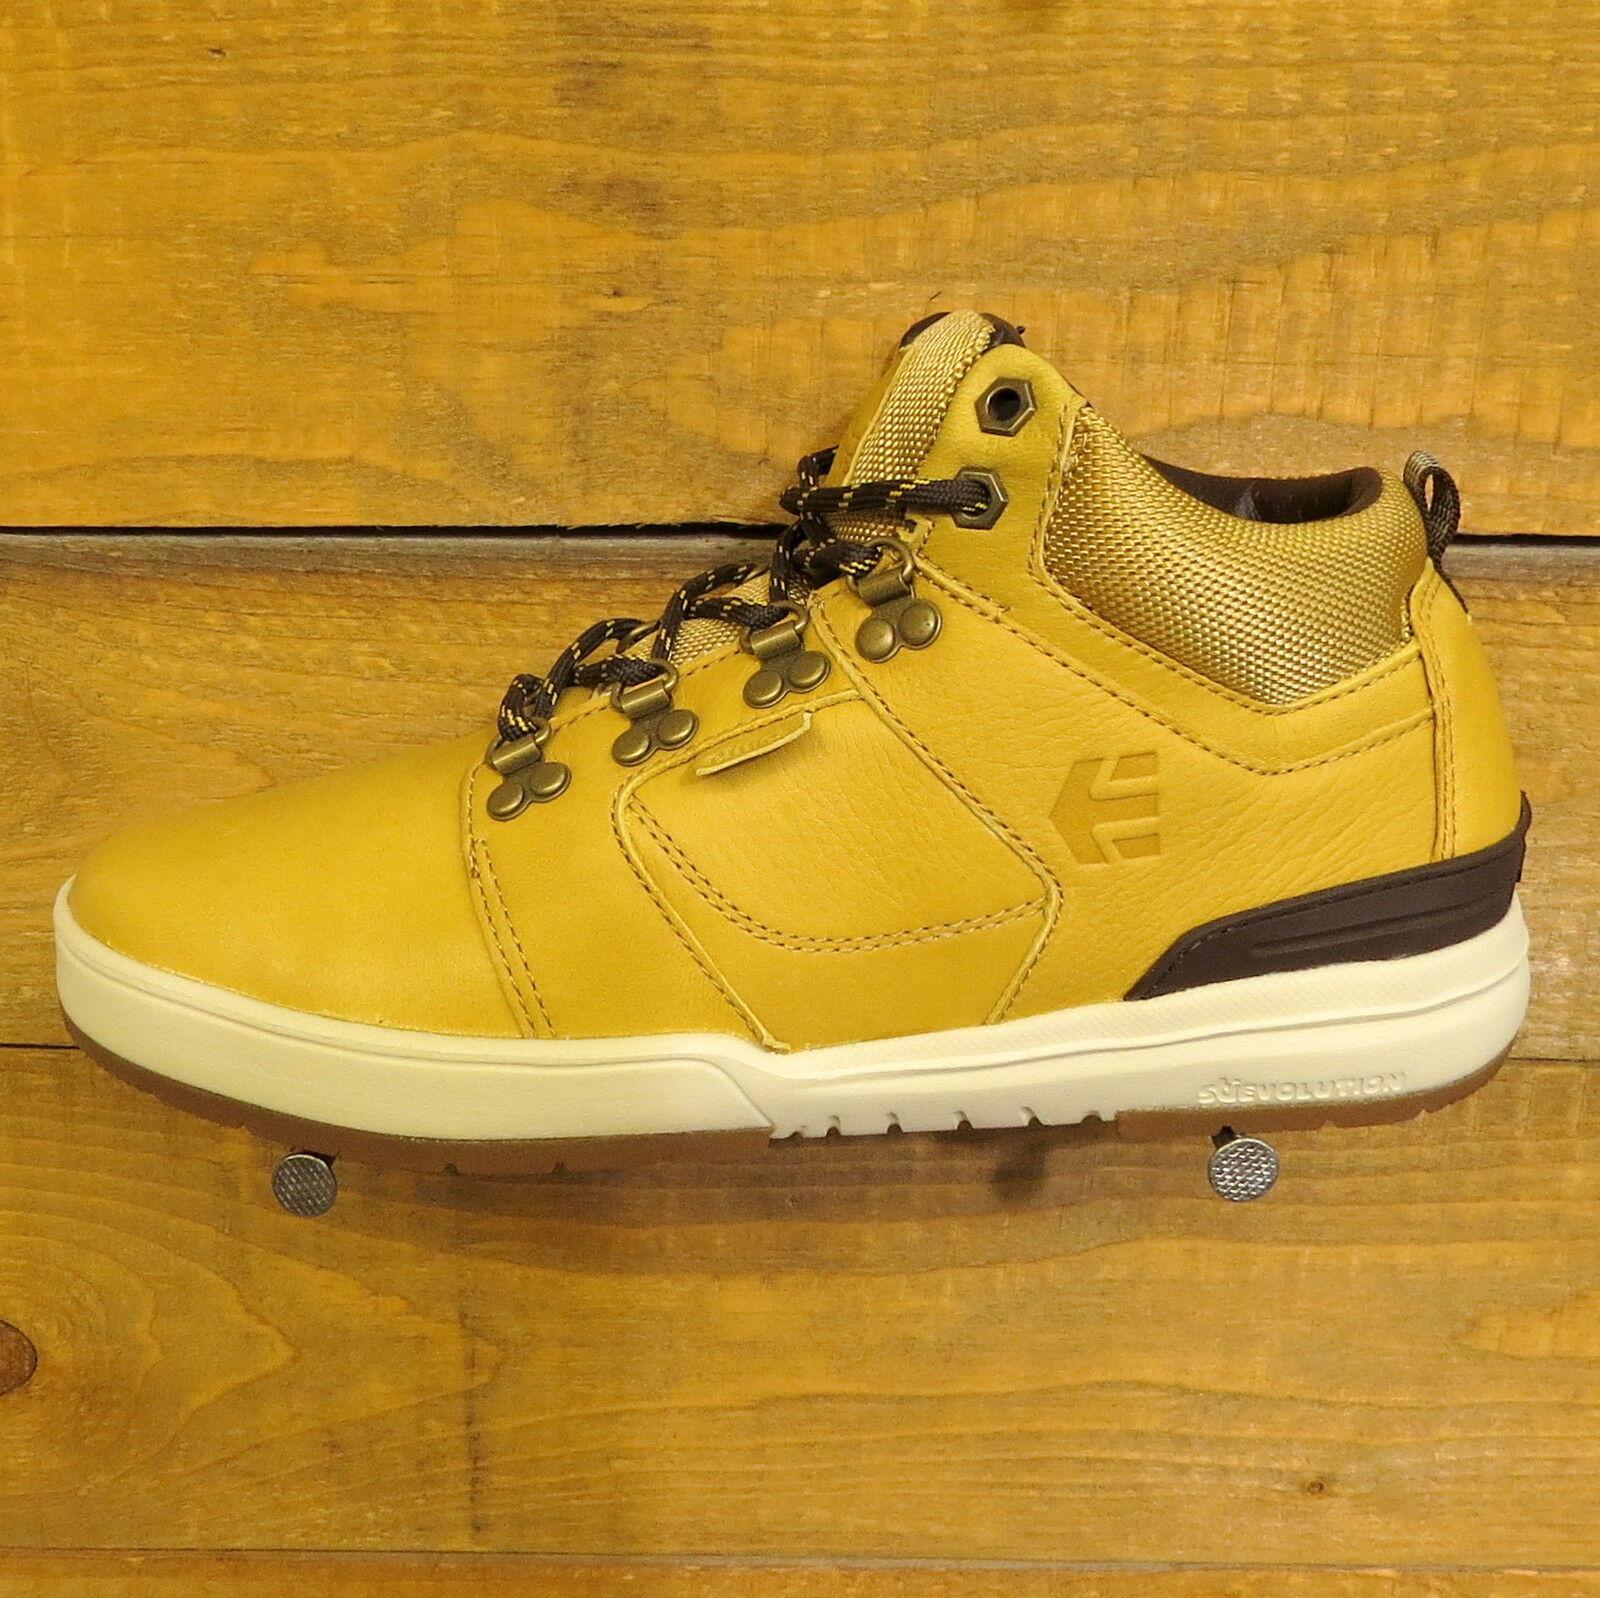 Etnies high rise ODB LX zapatos caballero zapatillas marrón 4101000408-200 - forro